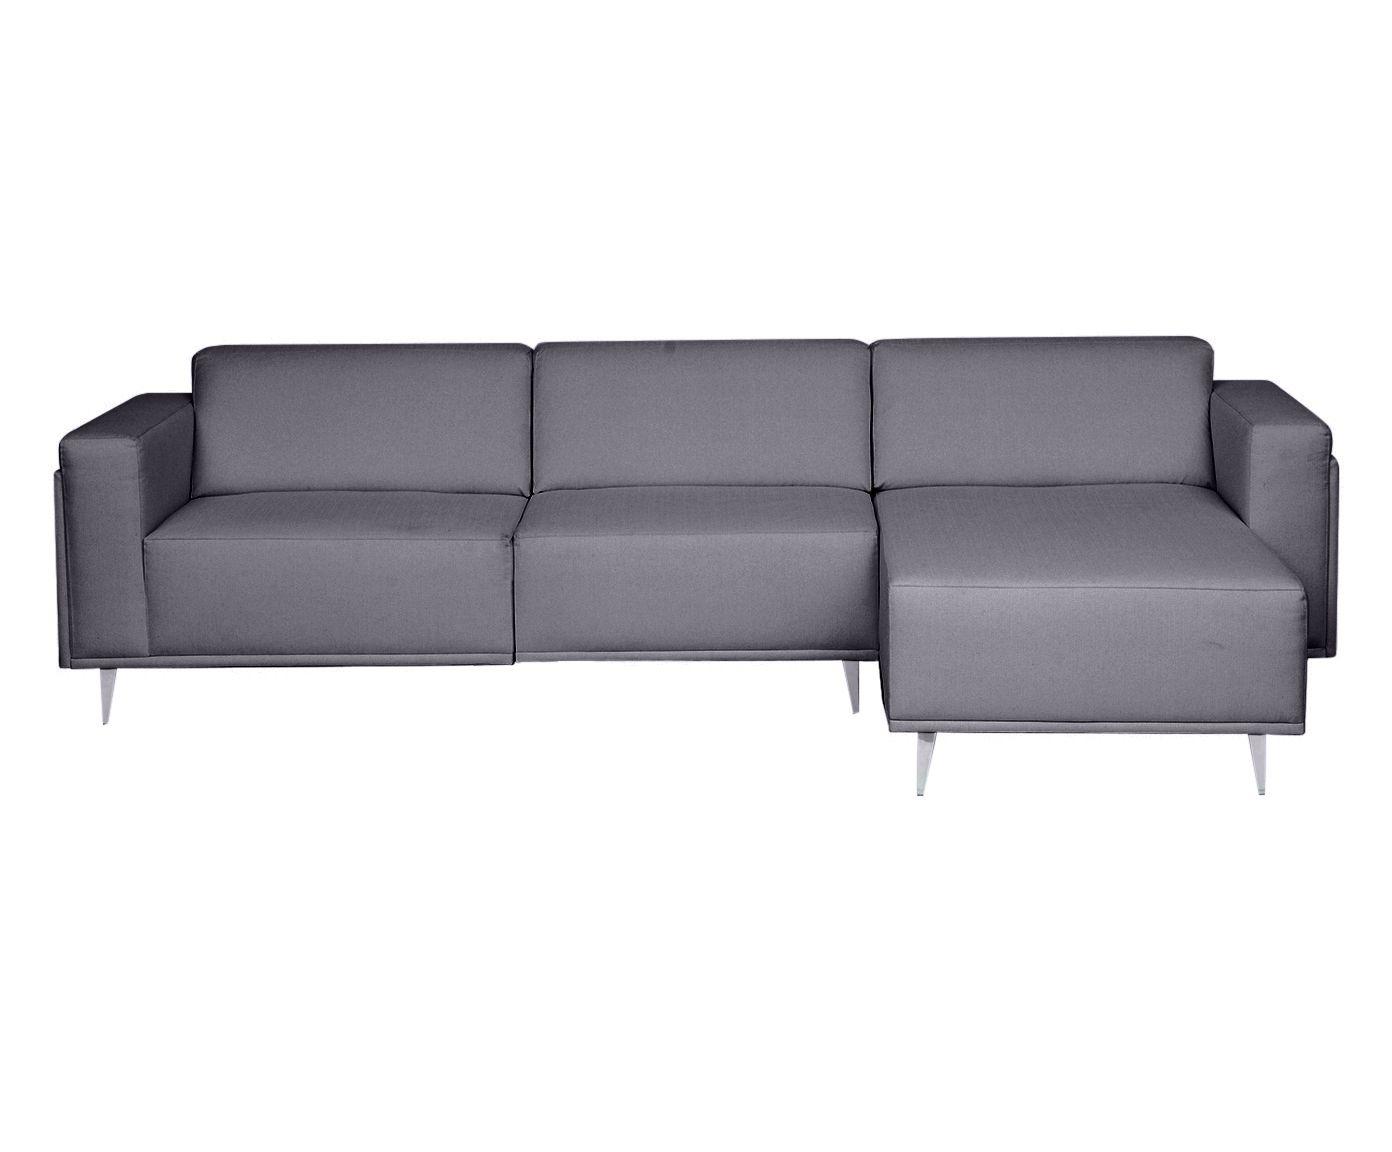 Sofá Modular com Chaise Esquerda Antonio Cinza Cimento - 250cm | Westwing.com.br